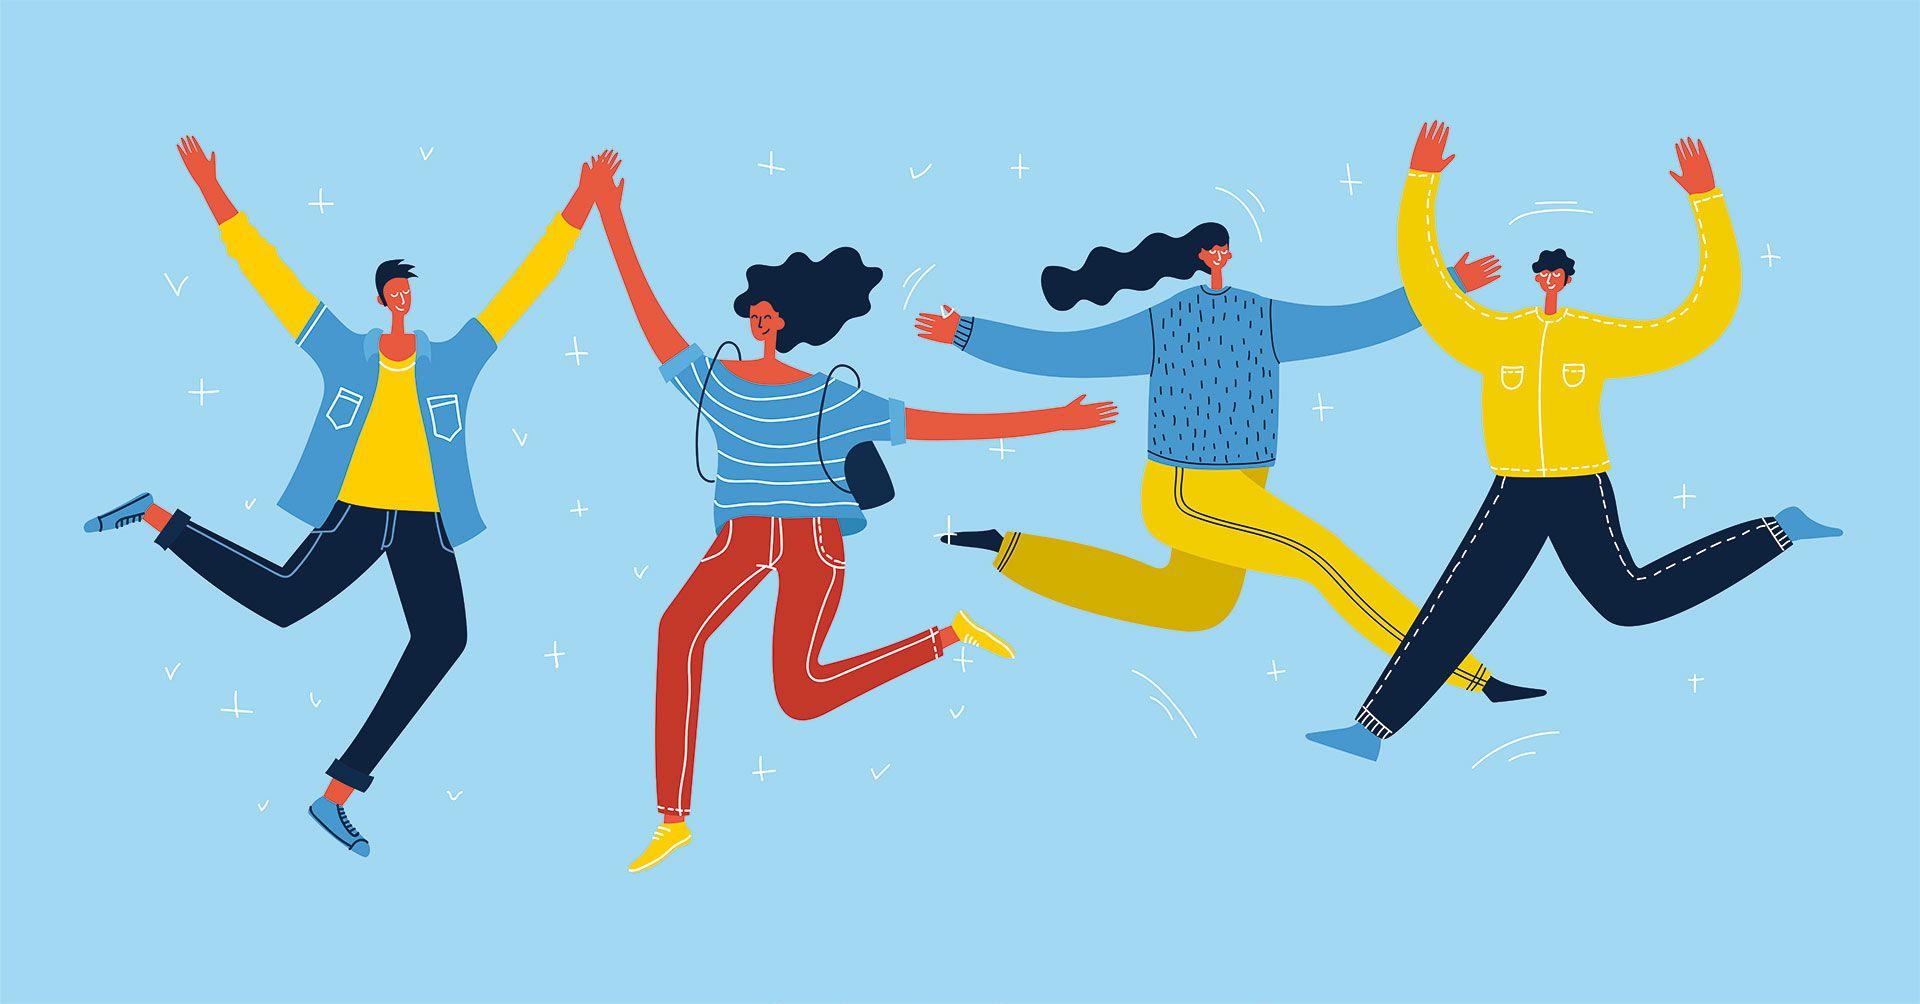 Hay 30 veces más posibilidades de reírse si la persona se encuentra rodeada con otras personas que si se encuentra totalmente solo